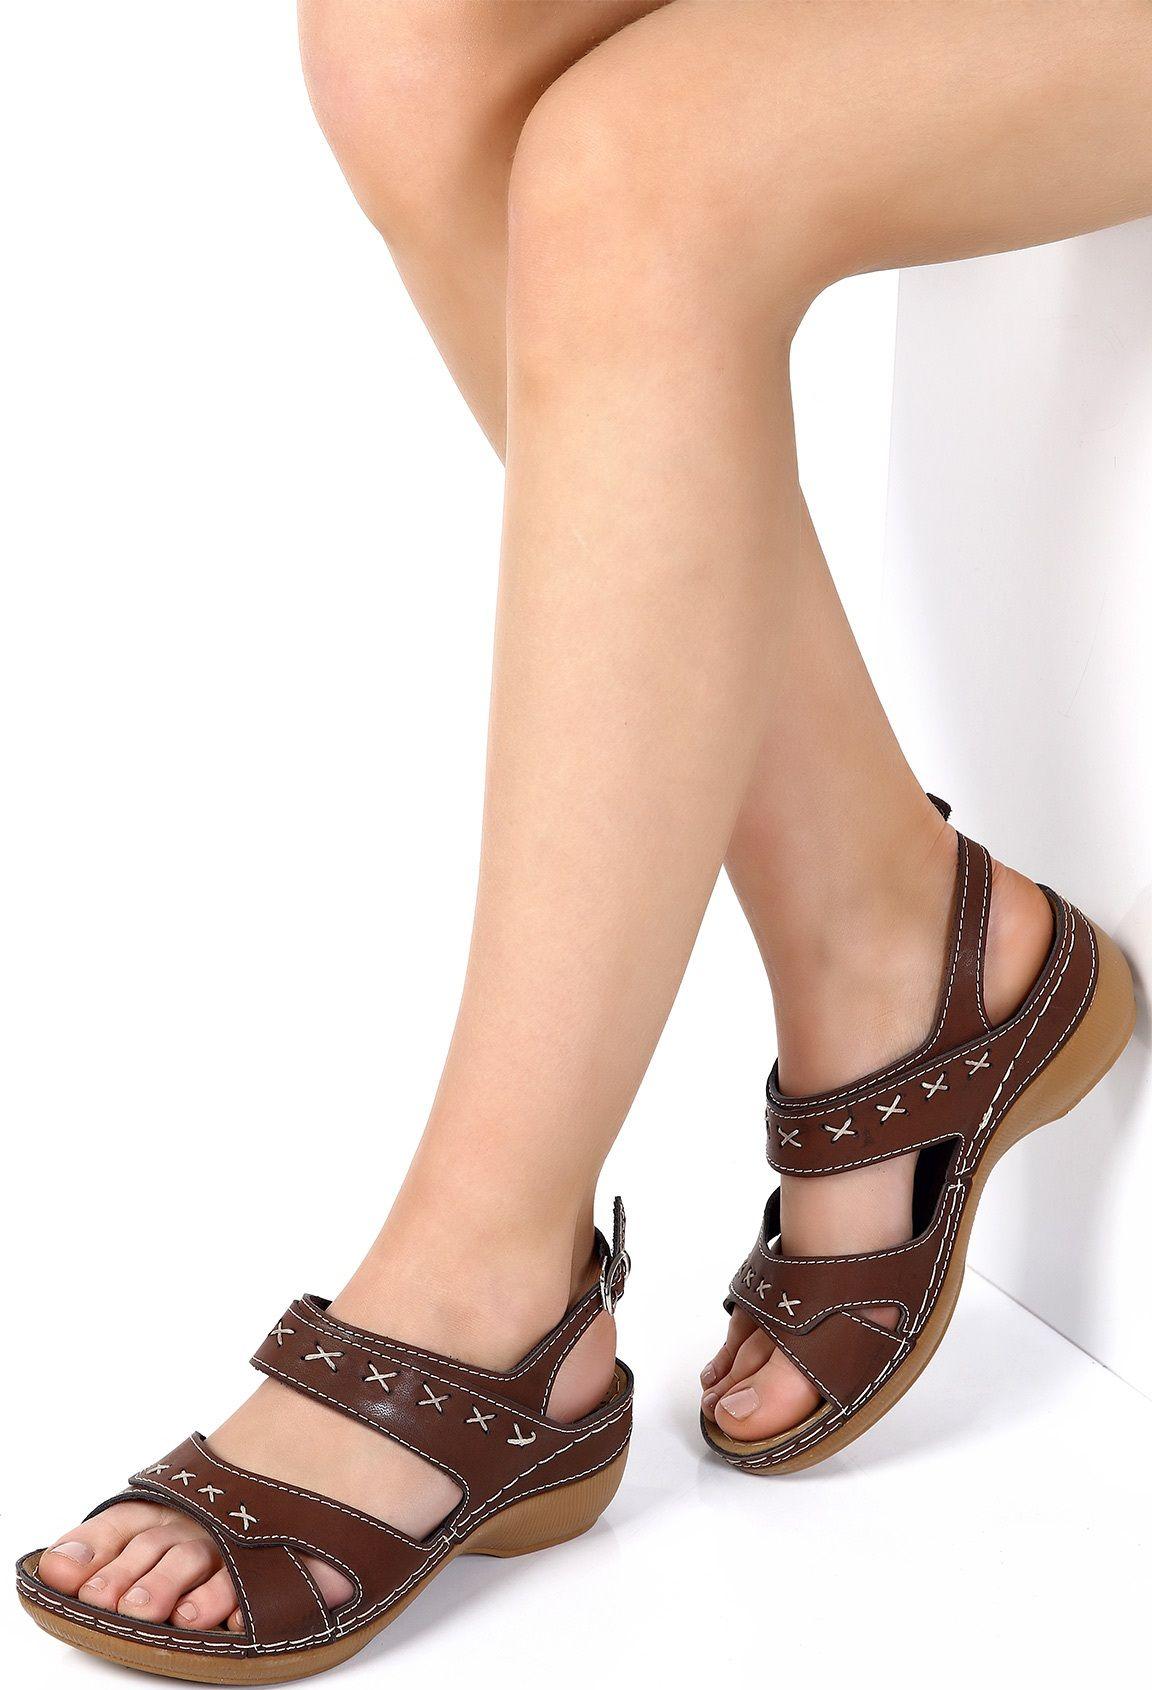 Farkli bayan sandalet modelleri aylinin evi pinterest